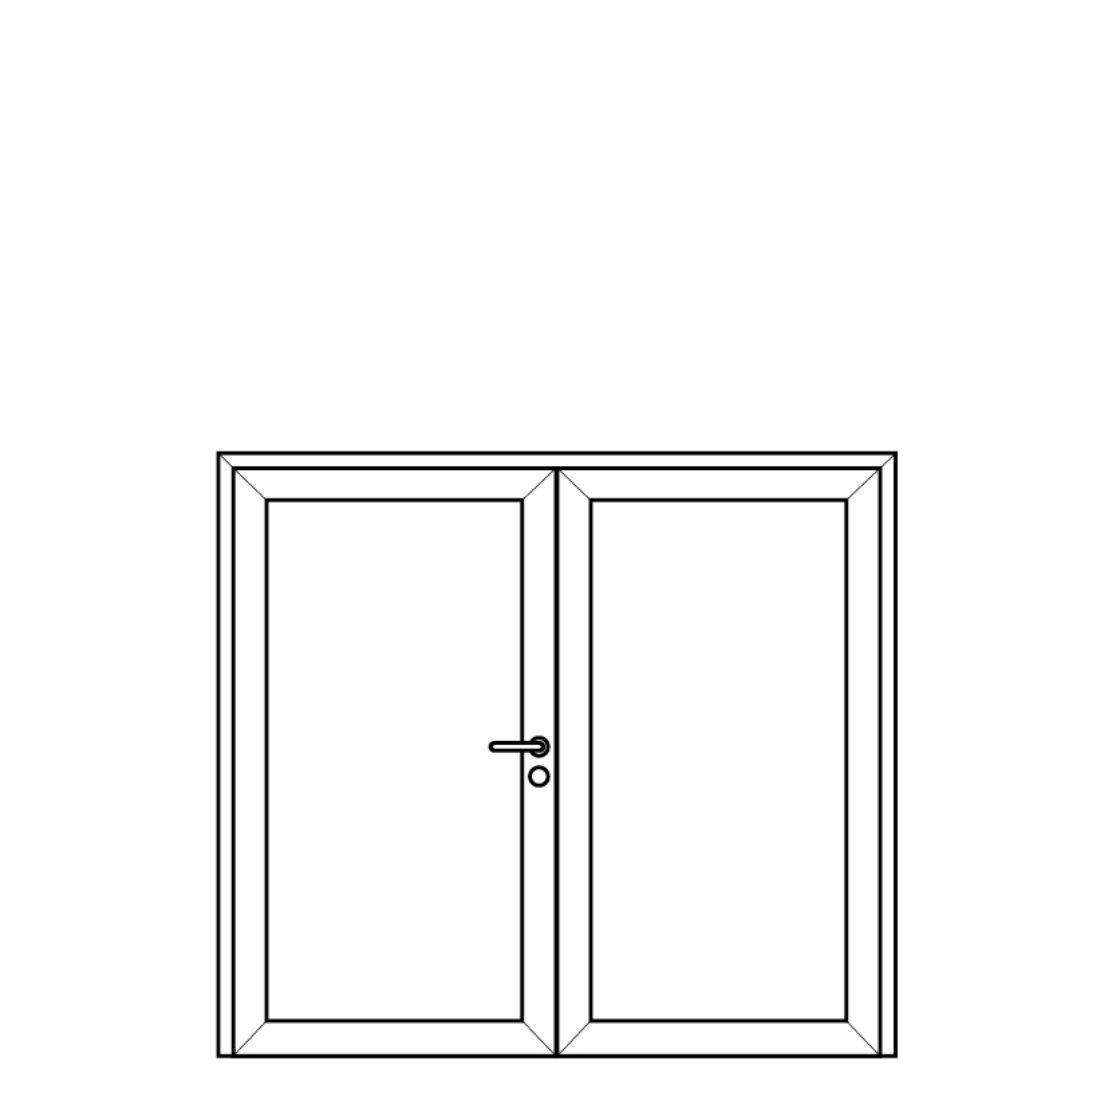 NorDan Alu Door Config Double